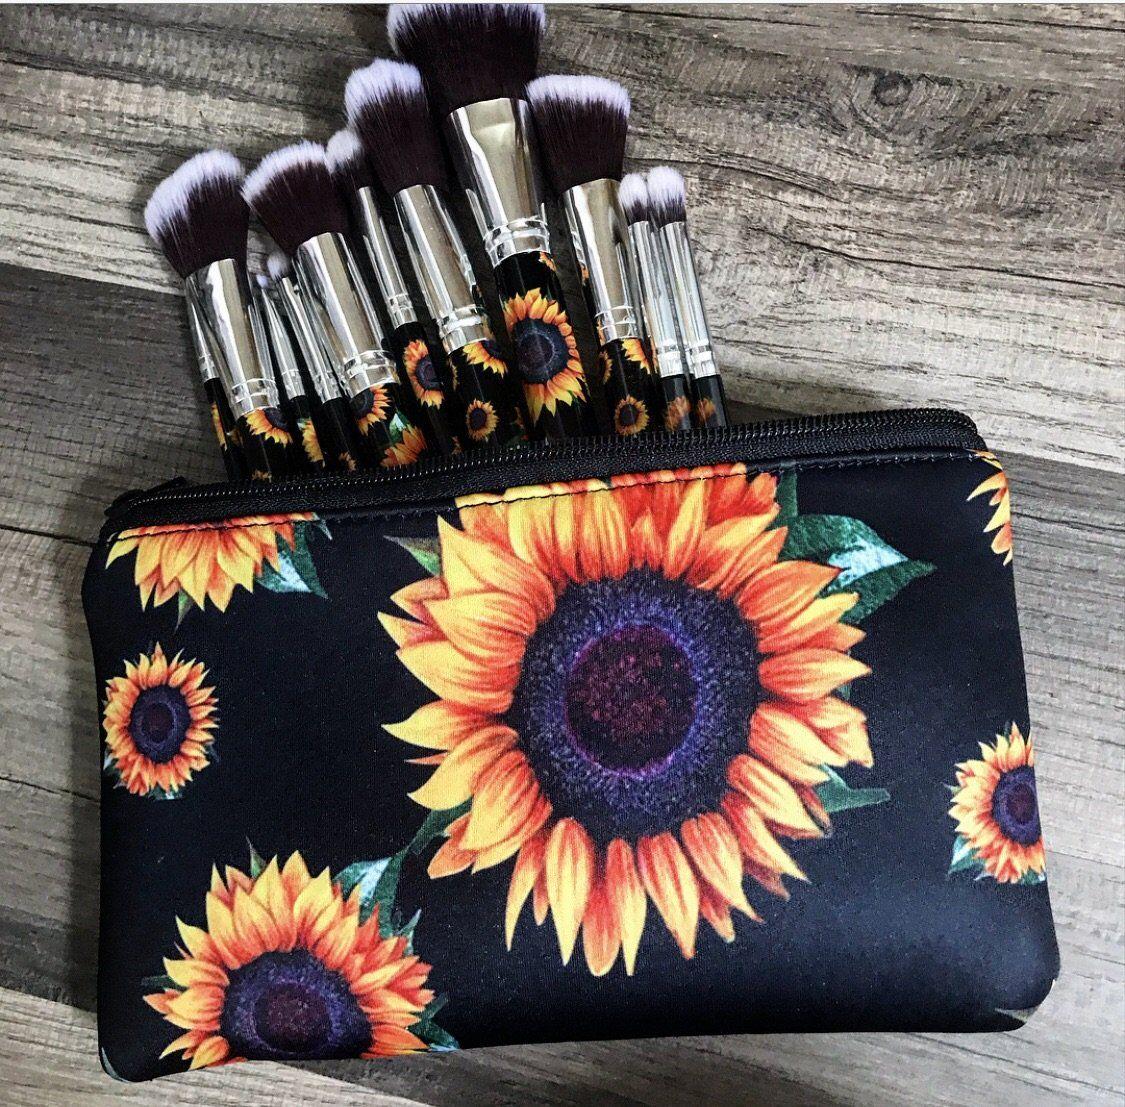 Sunflower make up bag Sunflower accessories, Makeup bag